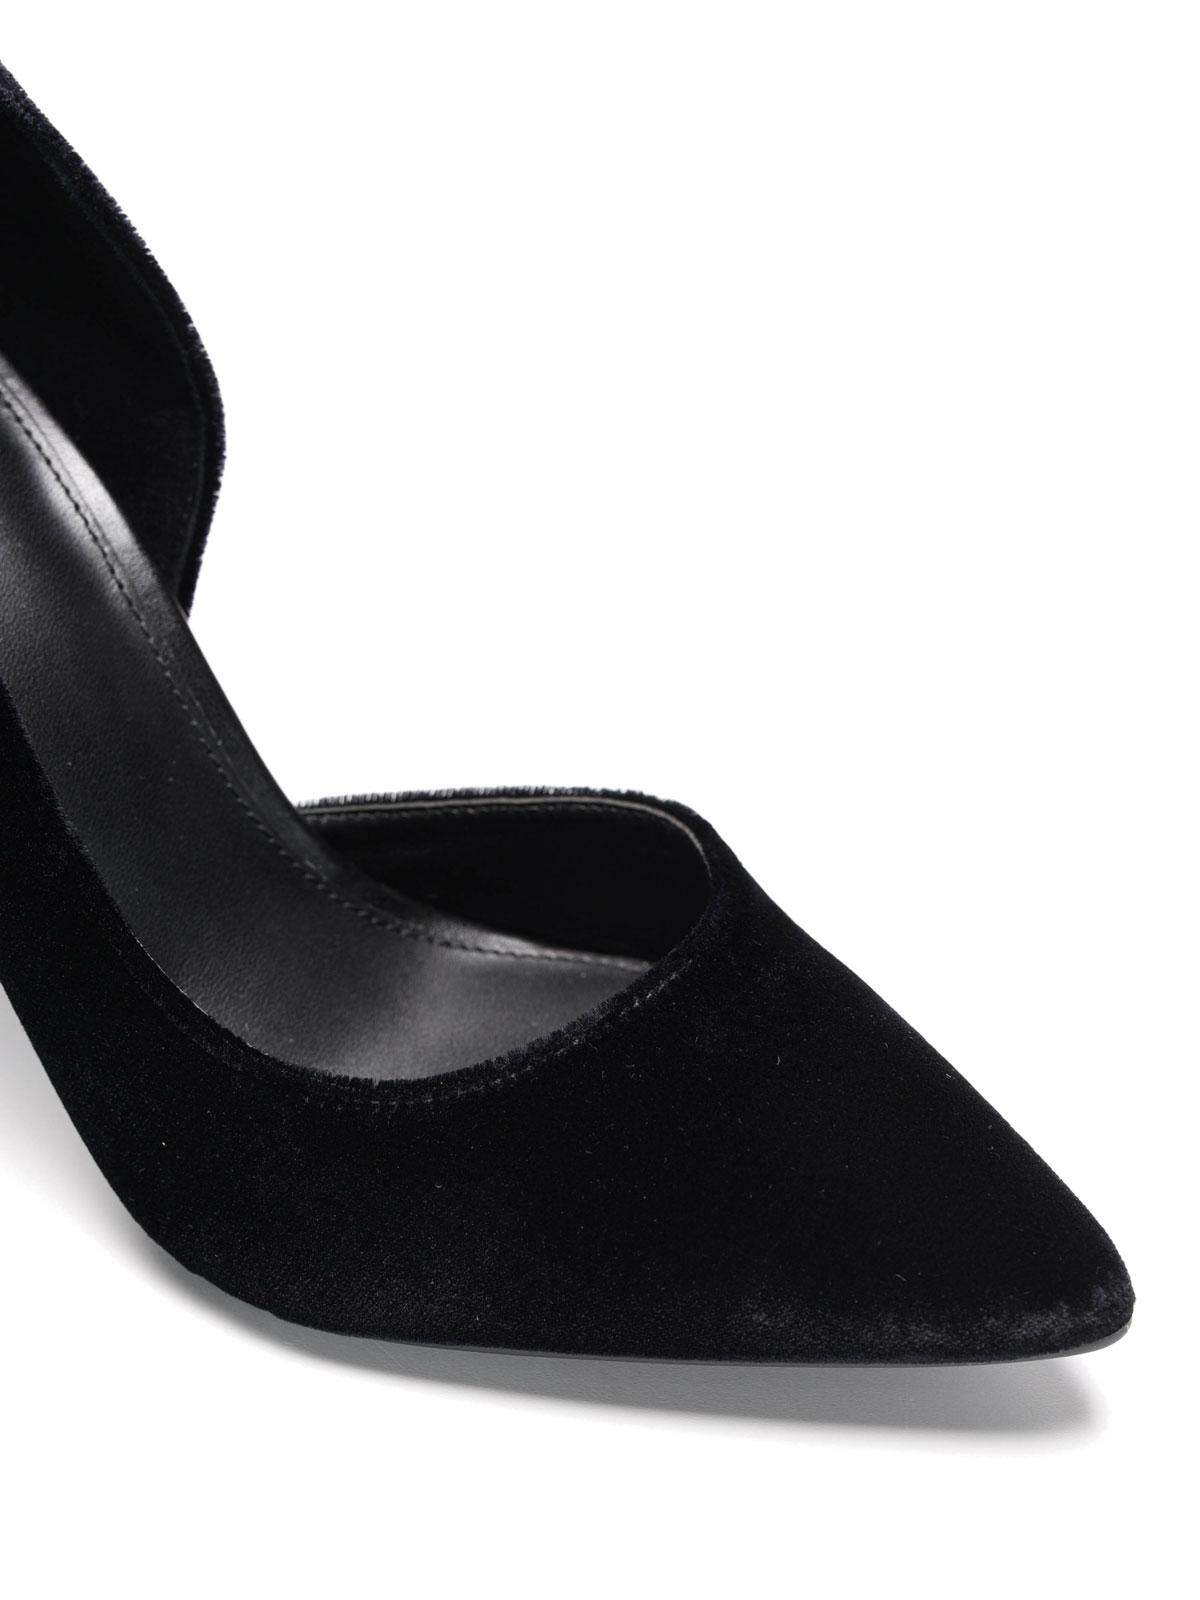 64ceccc0f44 Michael Kors - Nathalie Flex velvet high pump - court shoes - 40F6NAHP3D